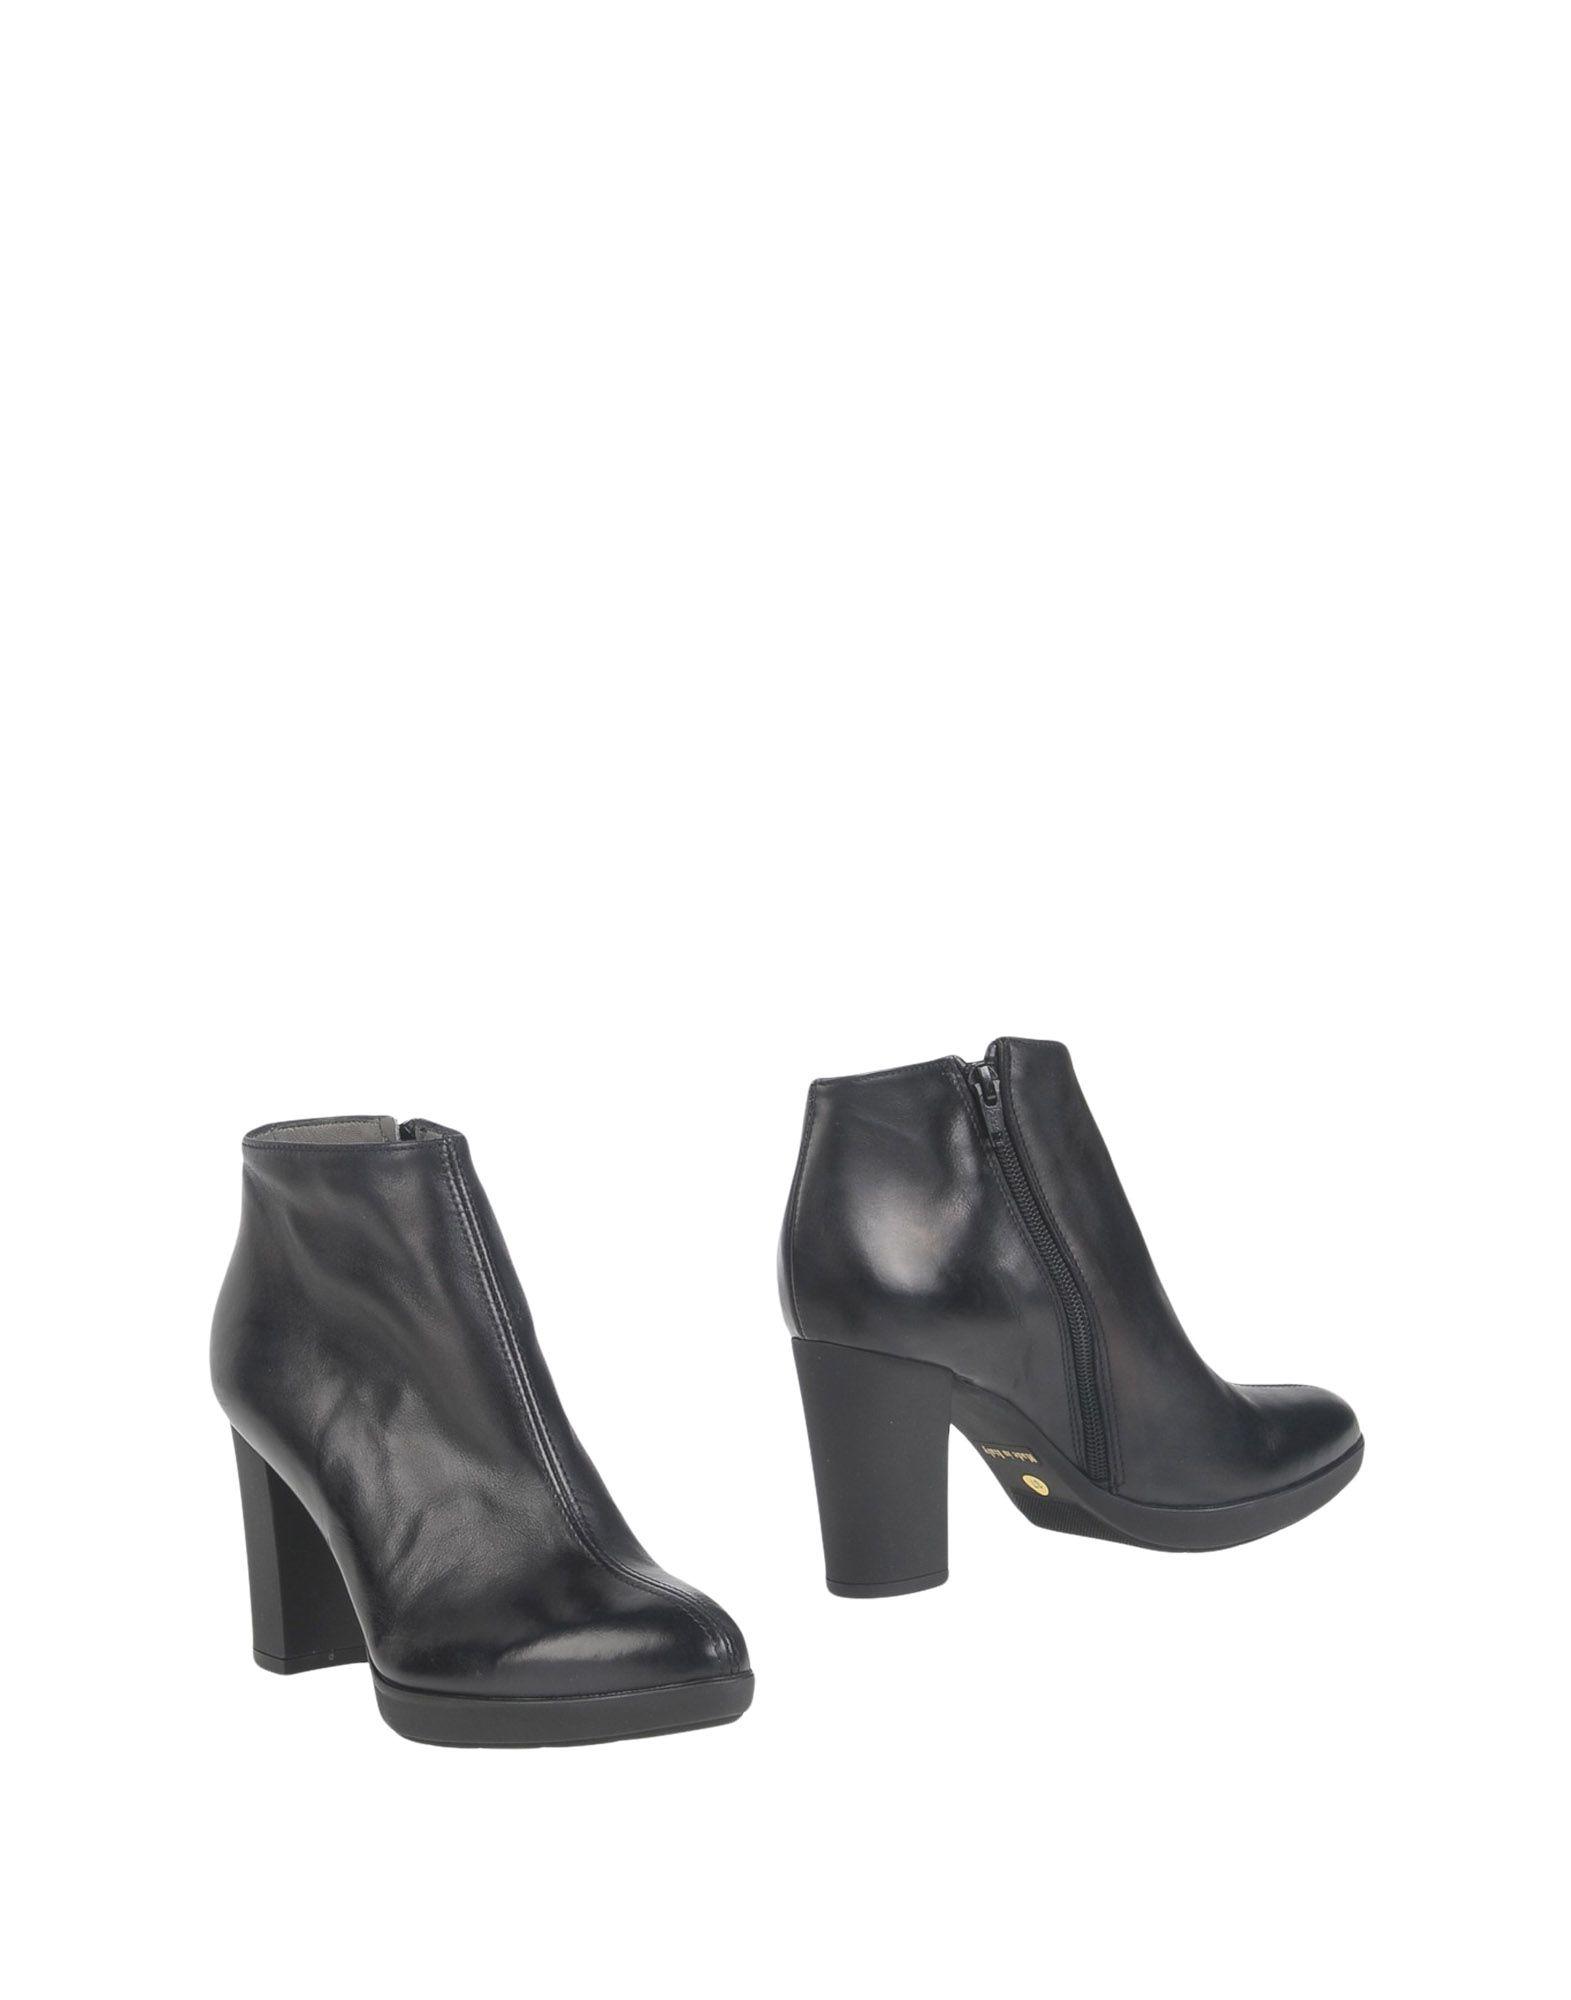 Angel Stiefelette Damen  11295418WC Gute Qualität beliebte Schuhe